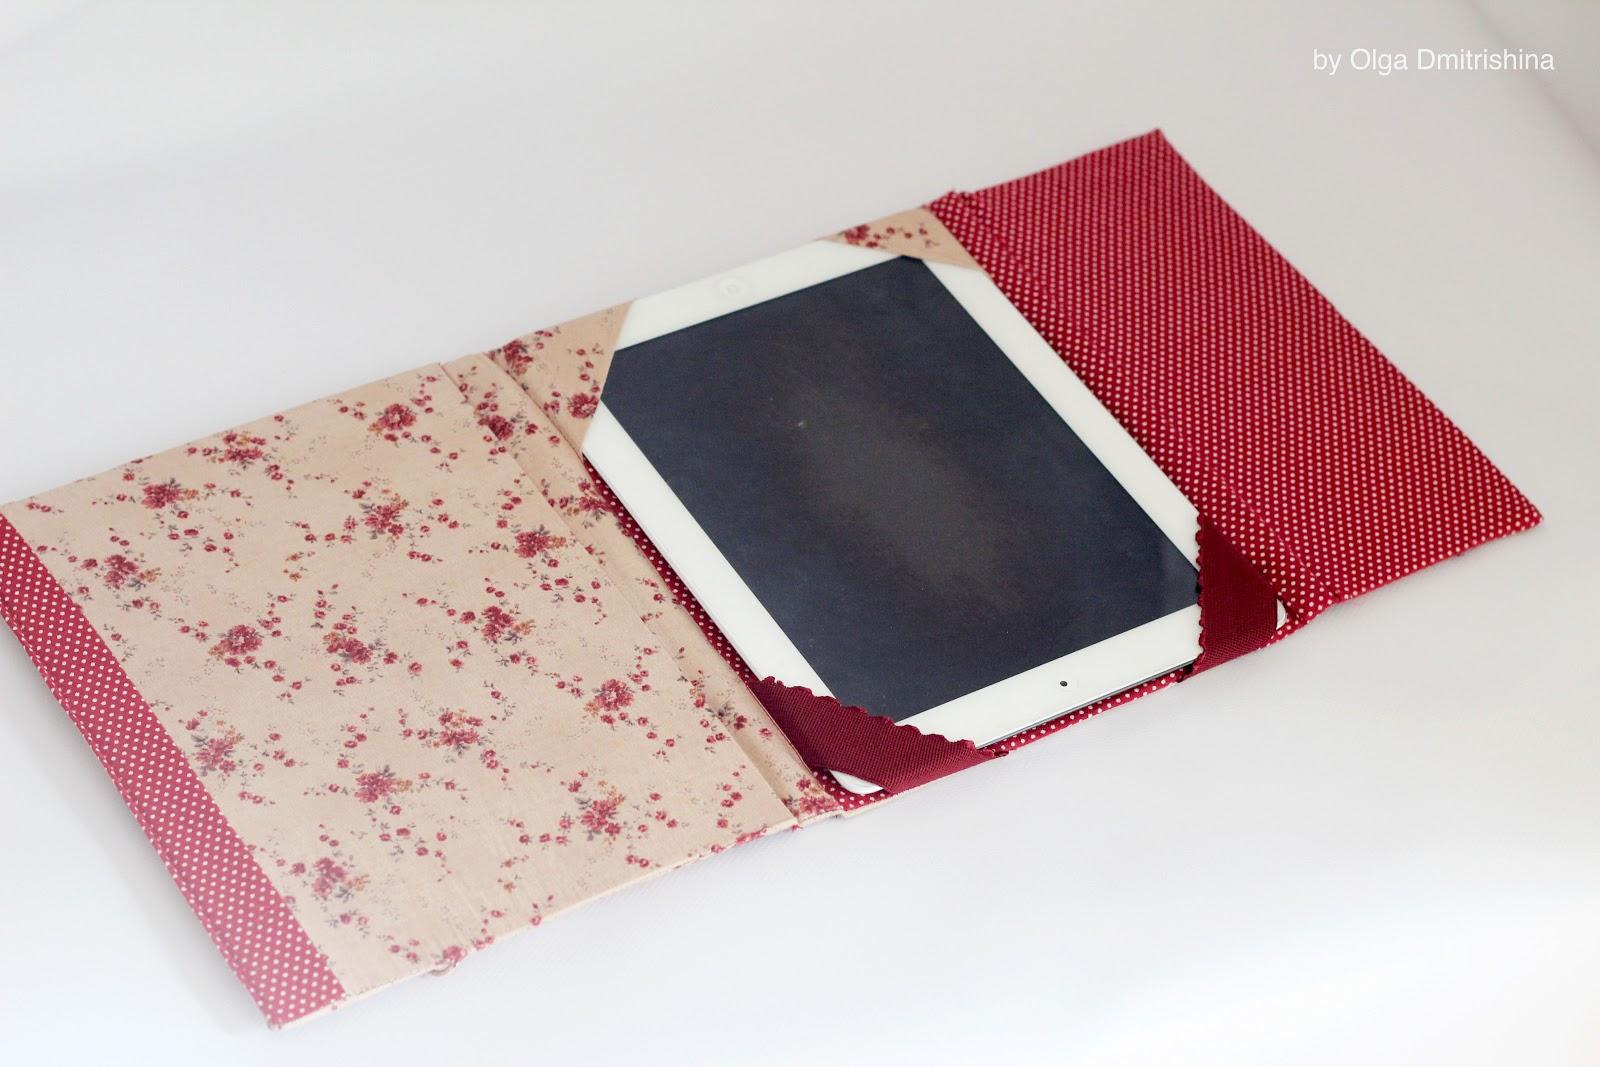 Как сделать чехлы для планшета своими руками